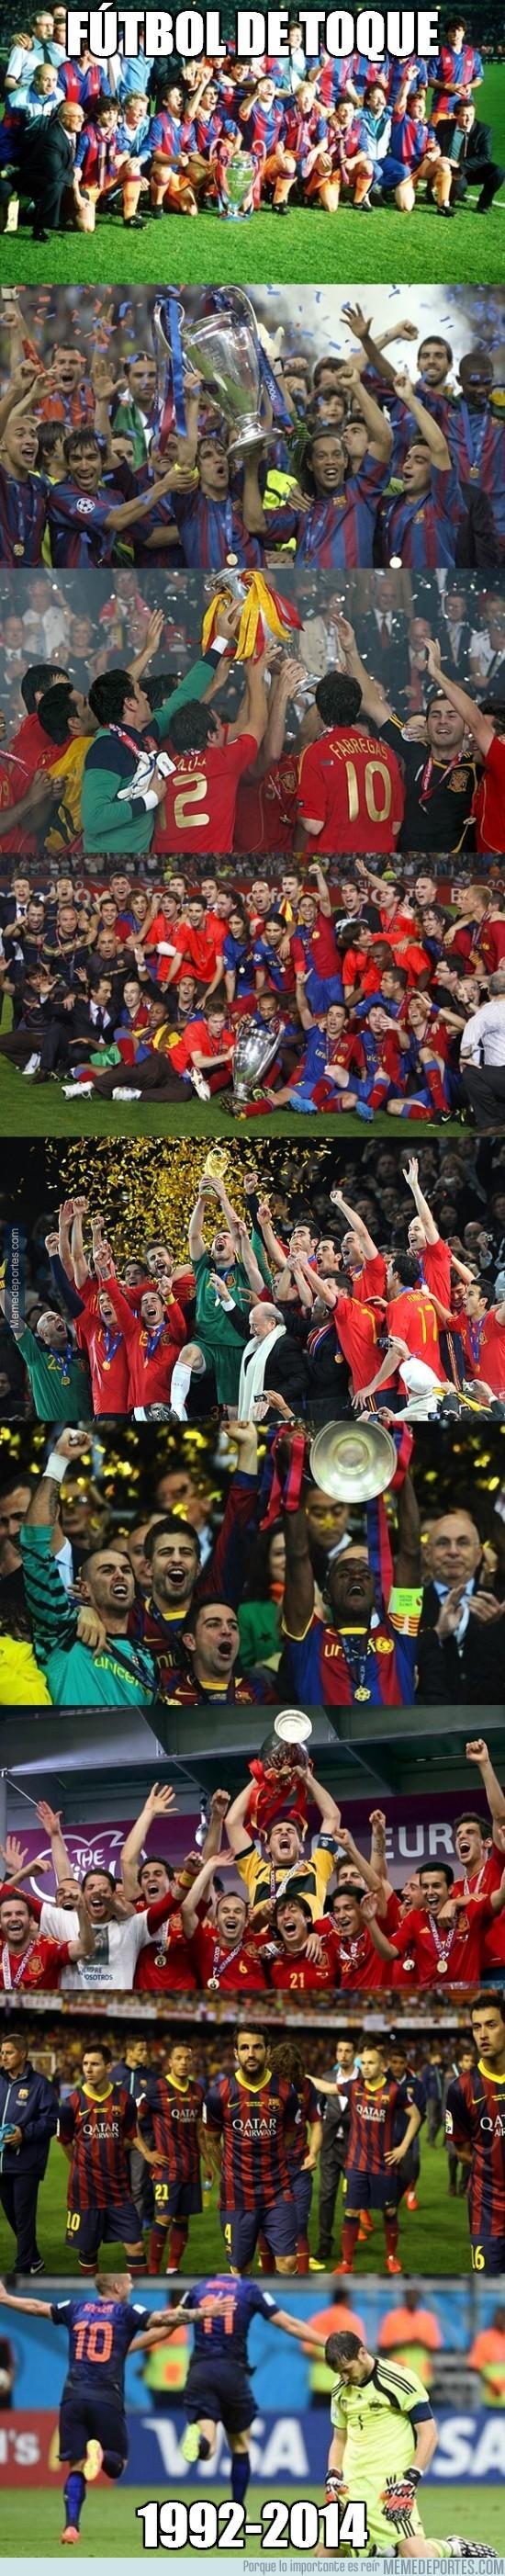 340997 - DEP Fútbol de toque [1992-2014]